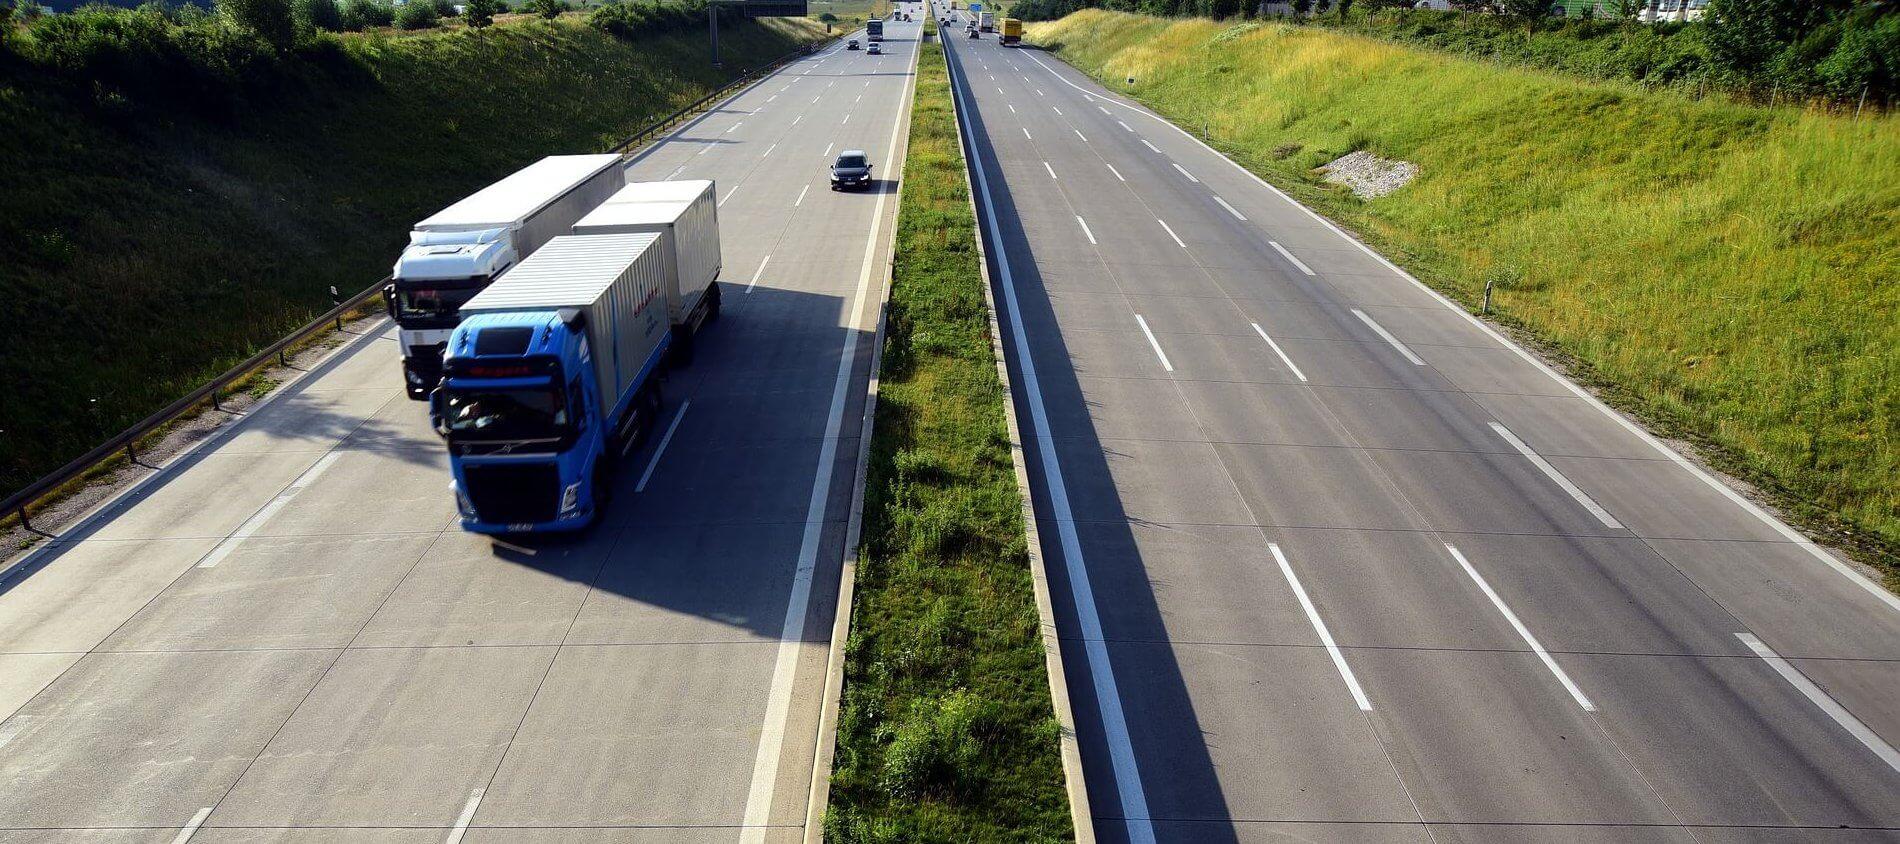 2021 m. sunkvežimių eismo ribojimai Italijoje. Vyriausybė įvedė daug išimčių